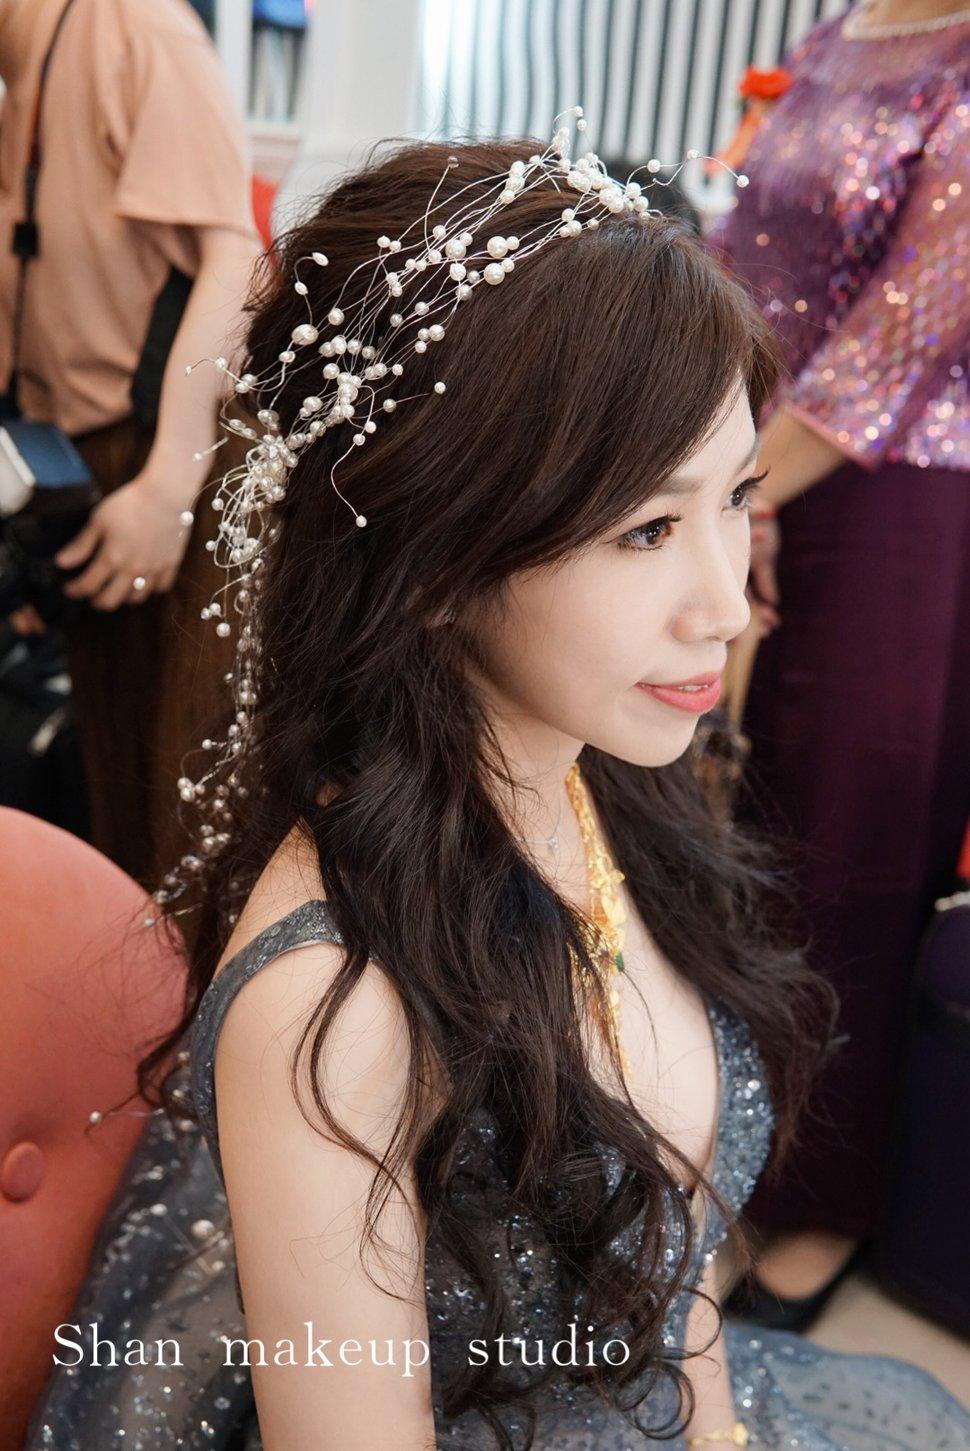 IMG_8254 - 湘翎Shan Makeup studio《結婚吧》